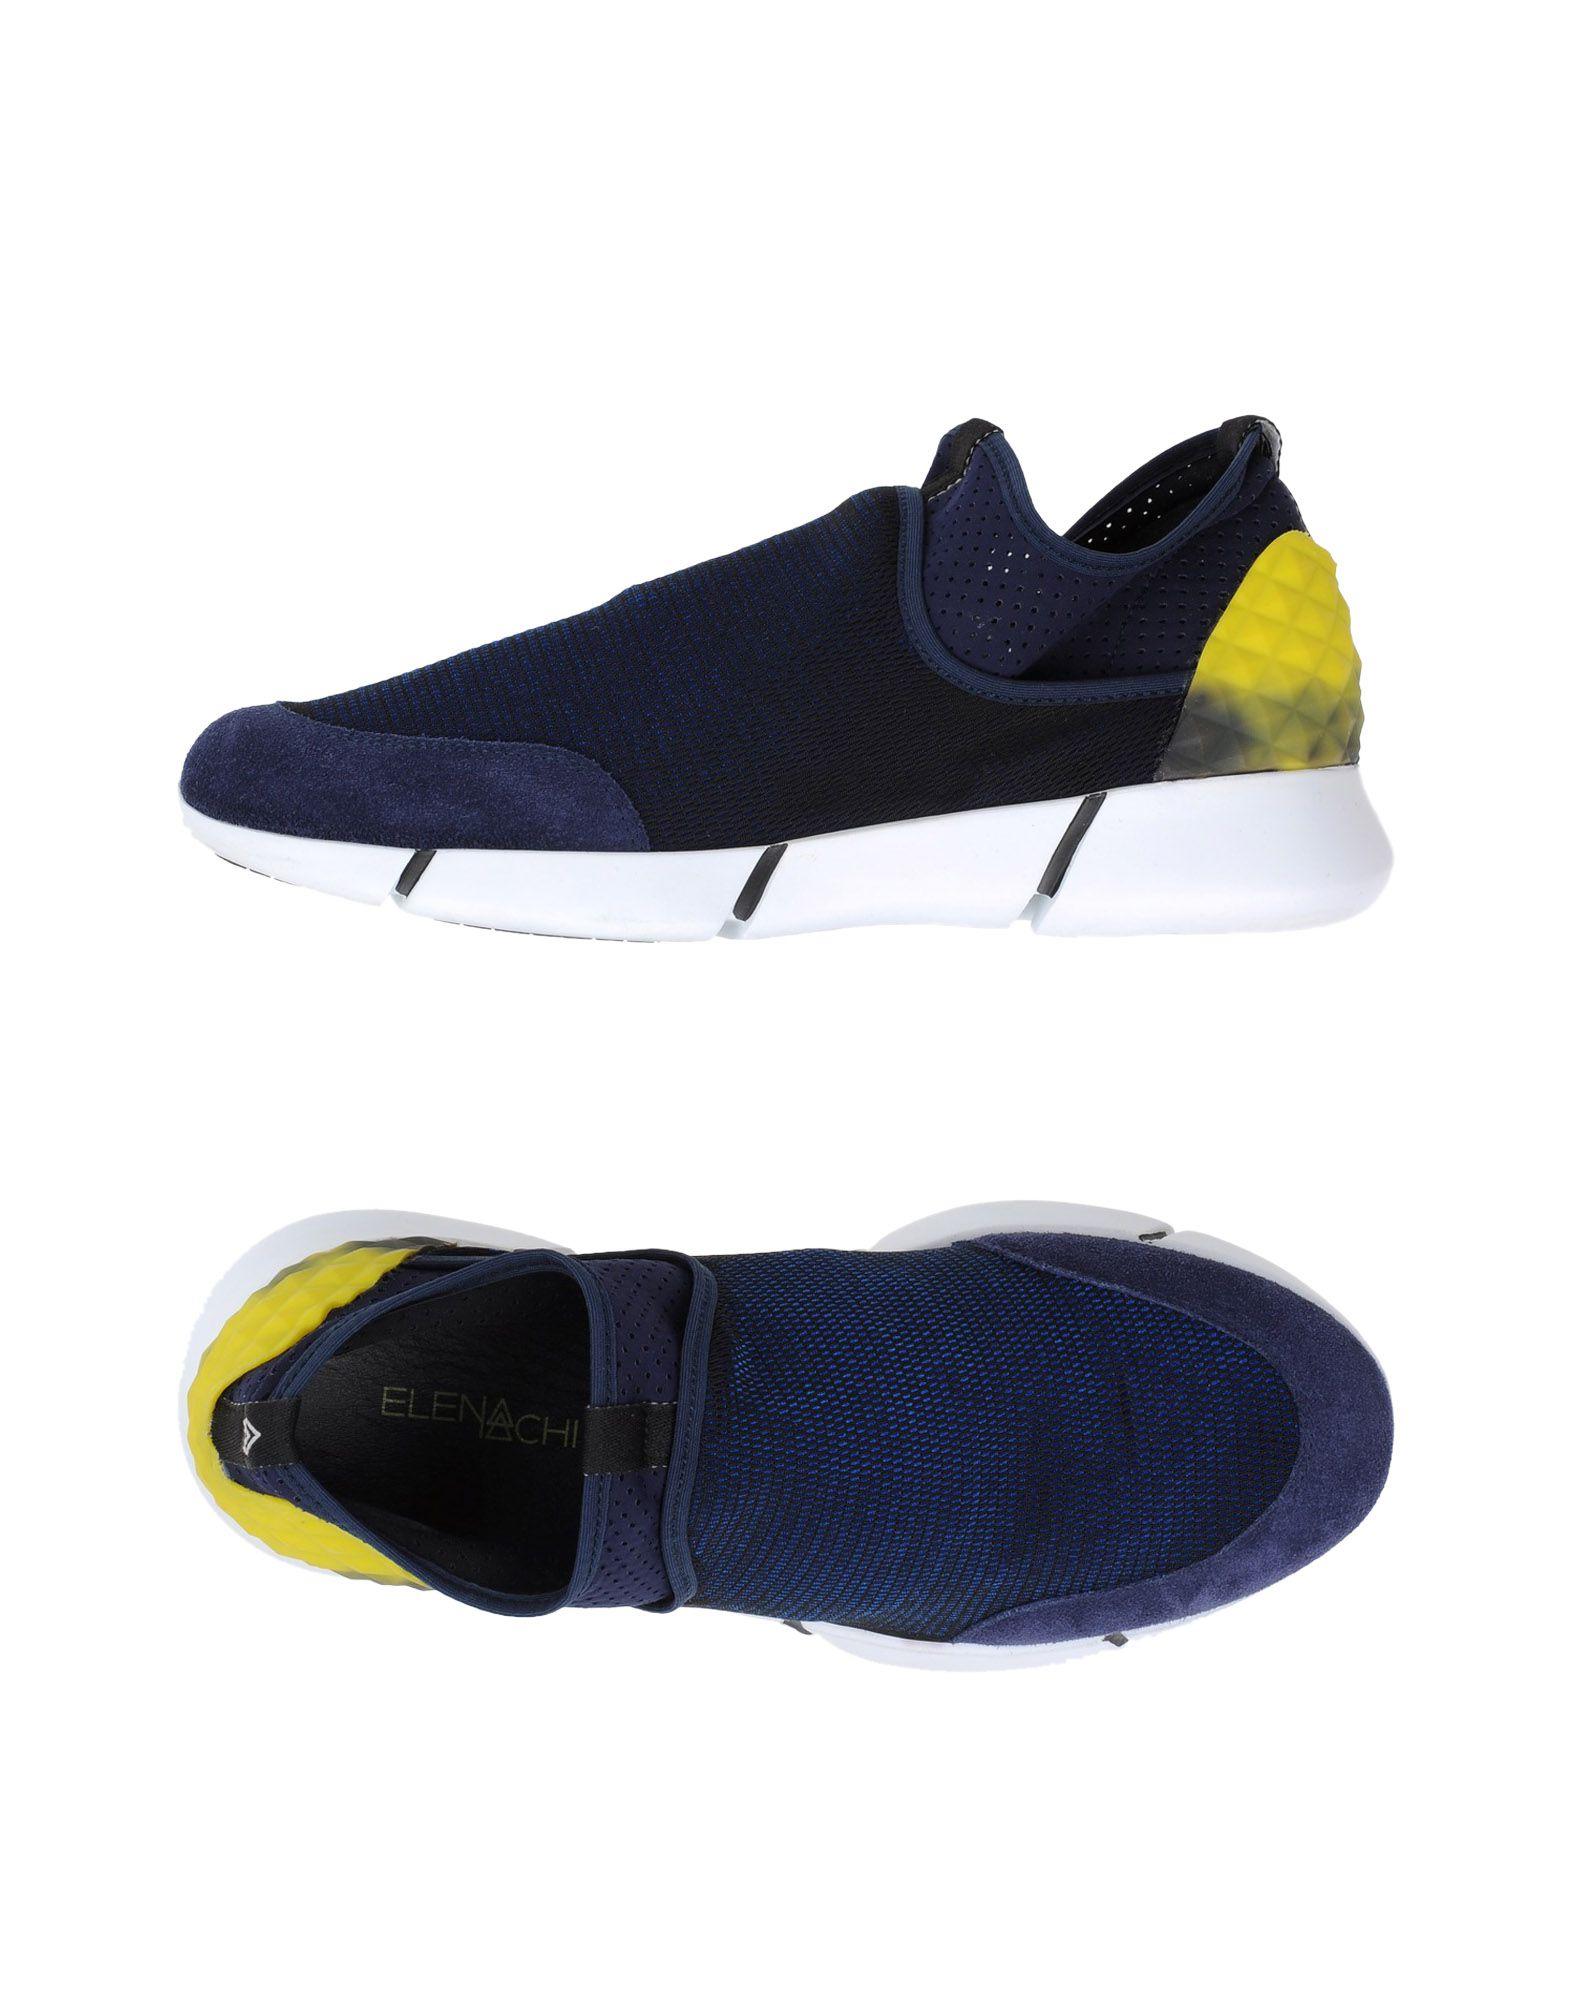 Elena Iachi Sneakers Herren   11320847LP 274b23